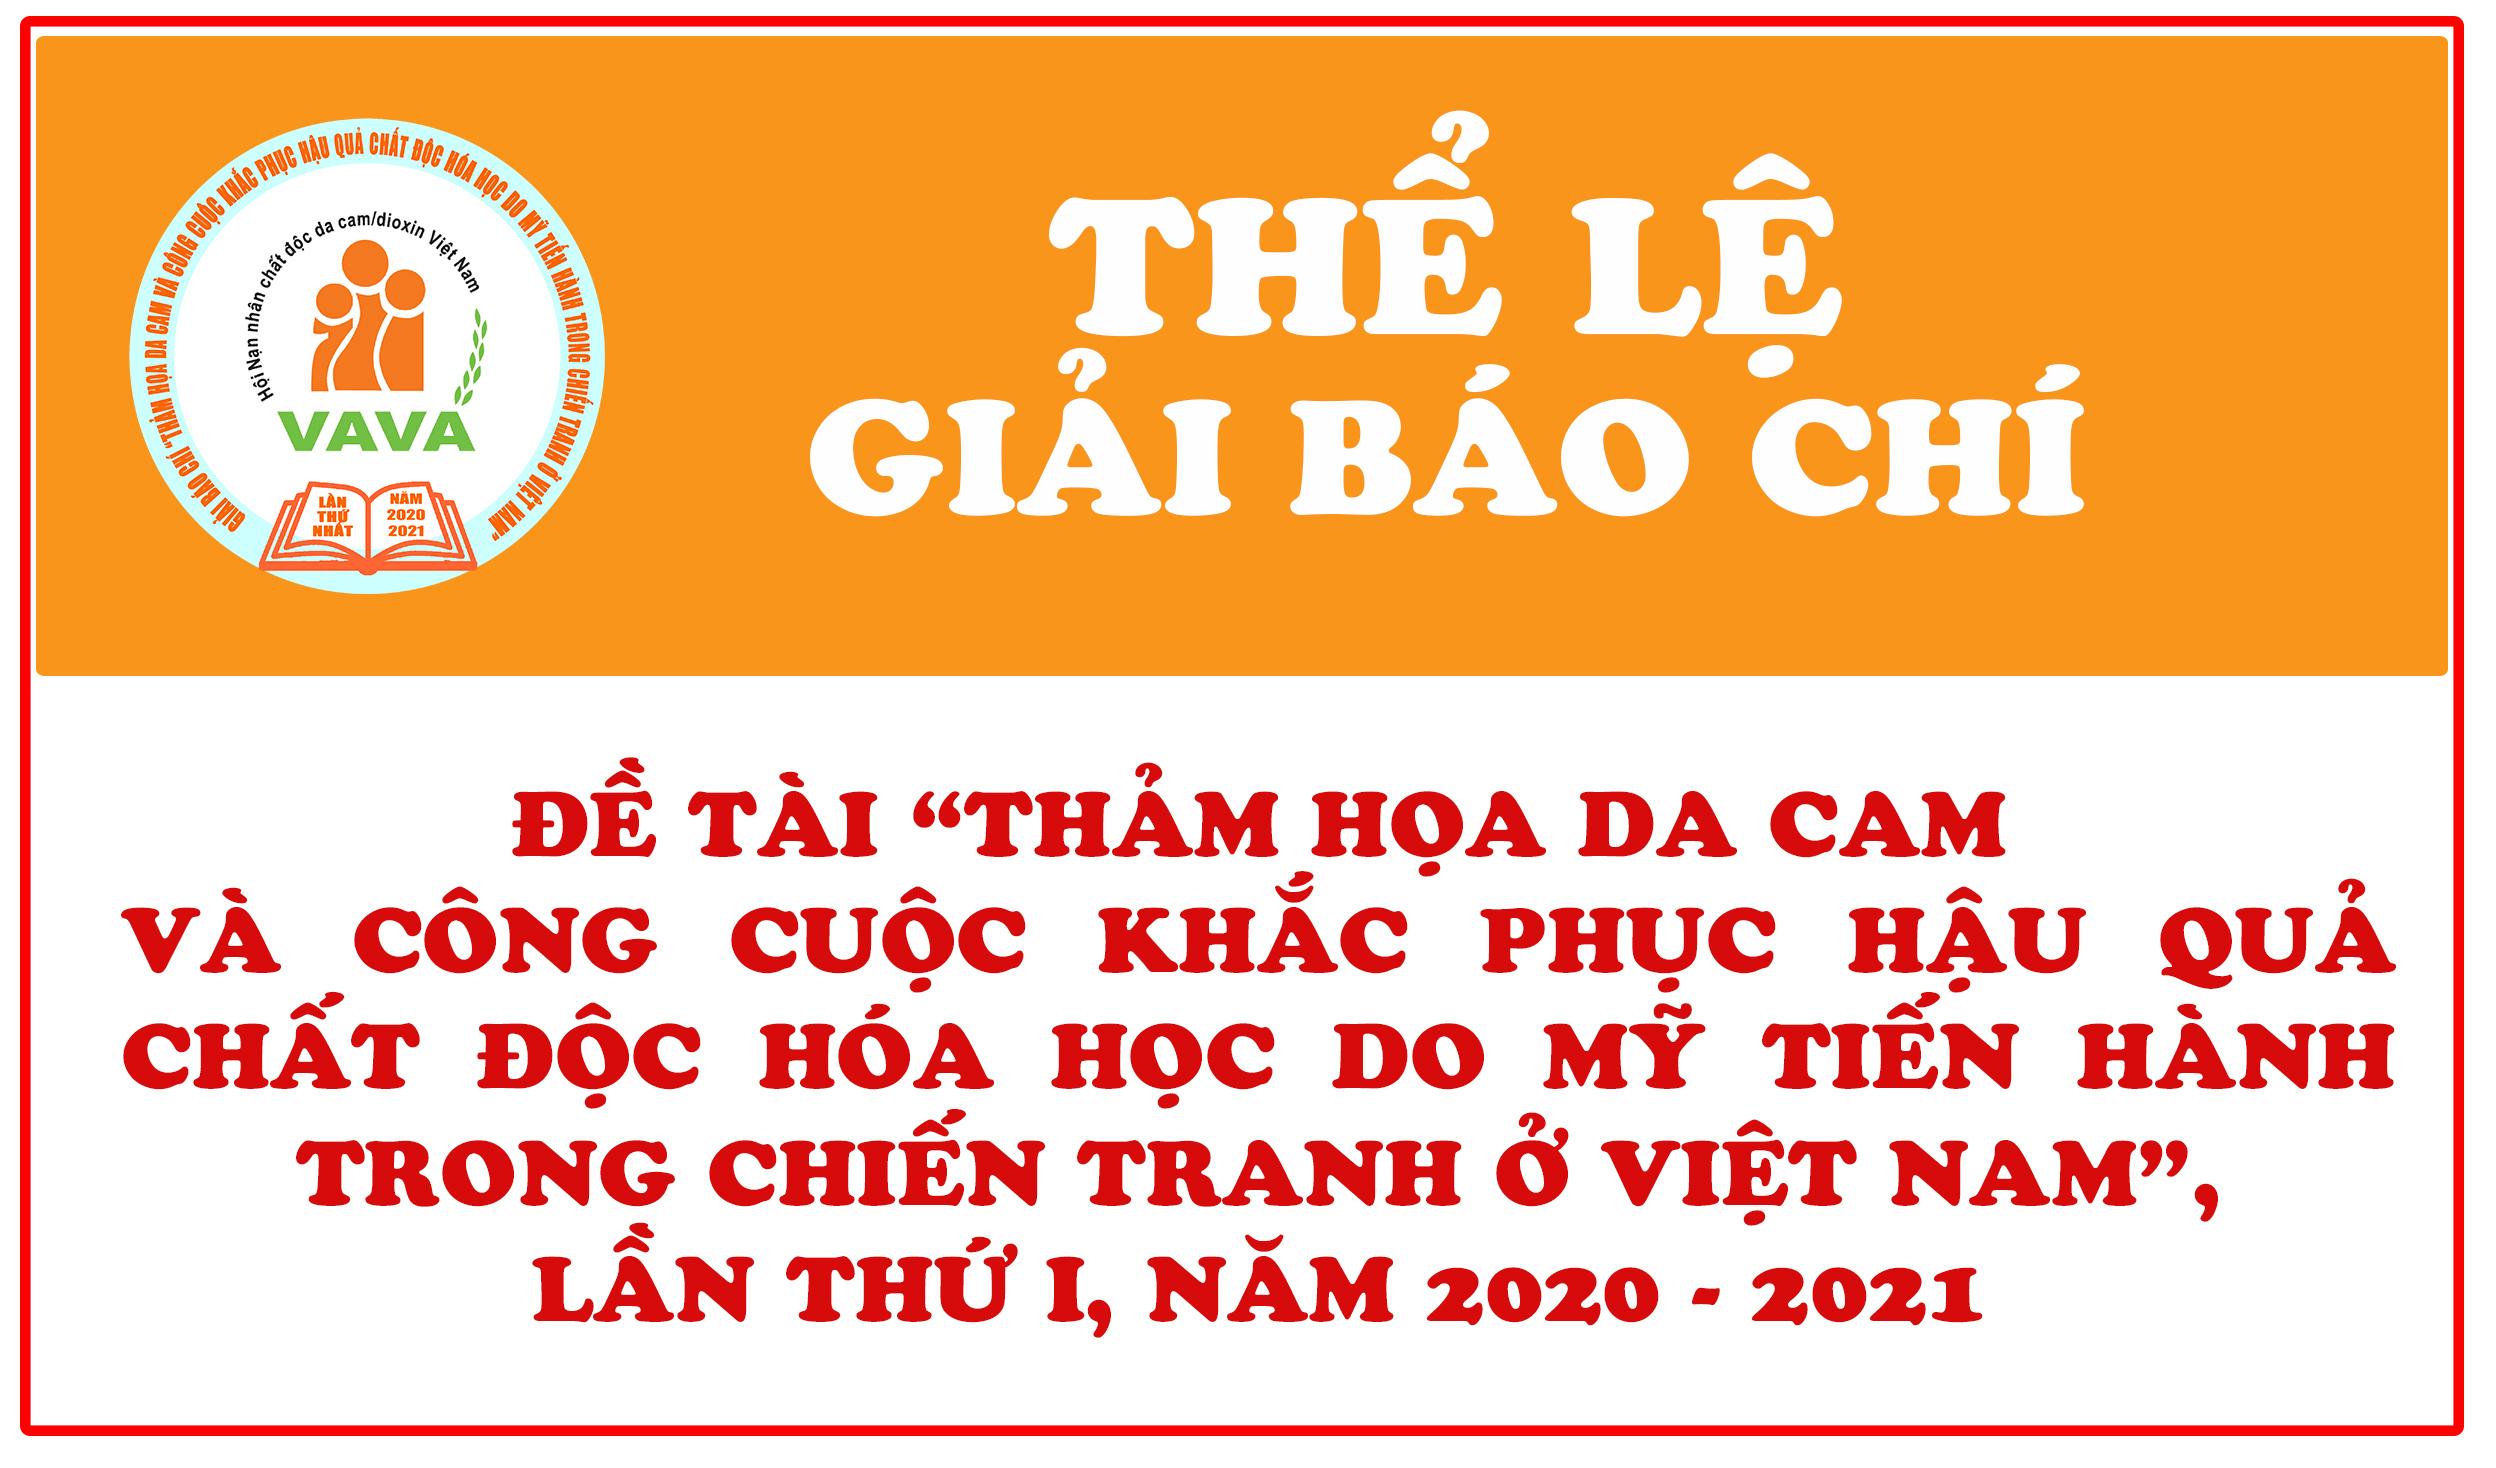 """Thể lệ giải báo chí về đề tài """"Thảm họa da cam và công cuộc khắc phục hậu quả chất độc hóa học do Mỹ tiến hành trong chiến tranh ở Việt Nam"""", Lần thứ I, năm 2020 - 2021"""